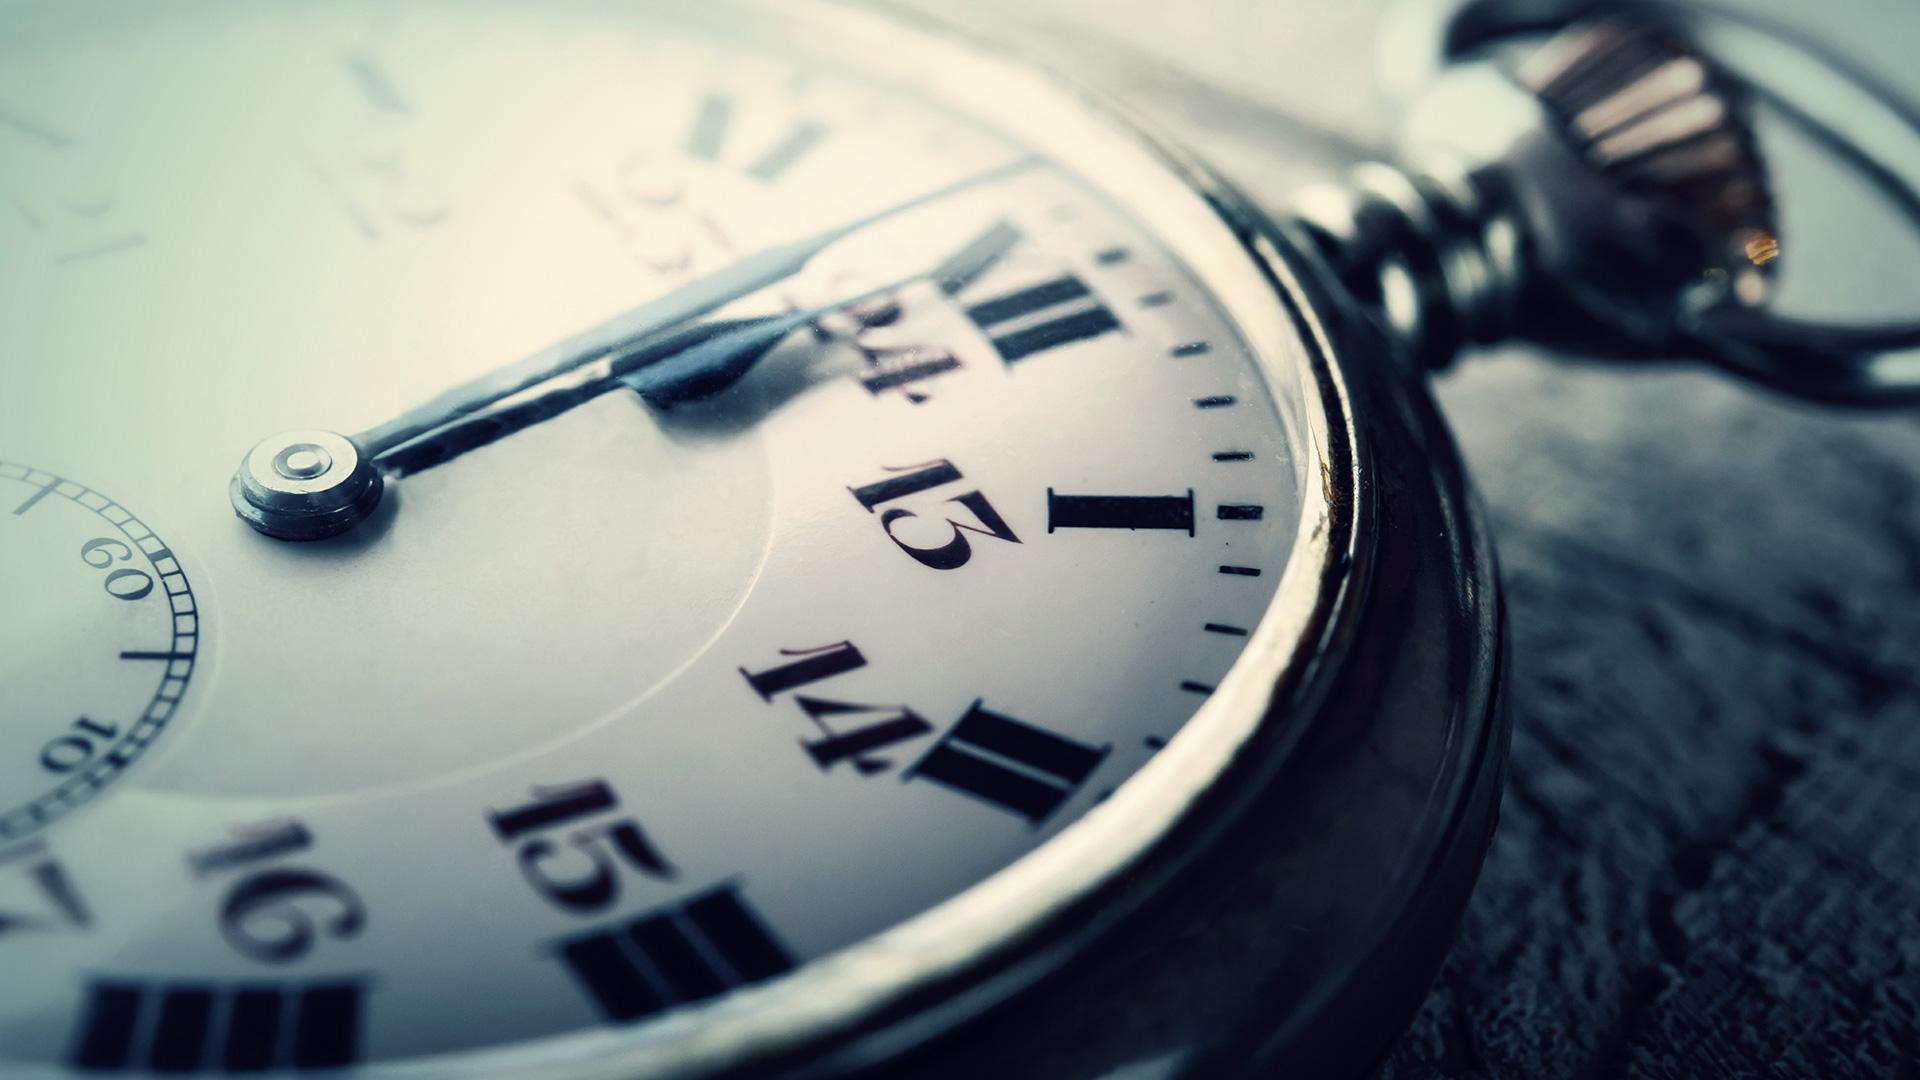 Pocket watch ticks towards midnight